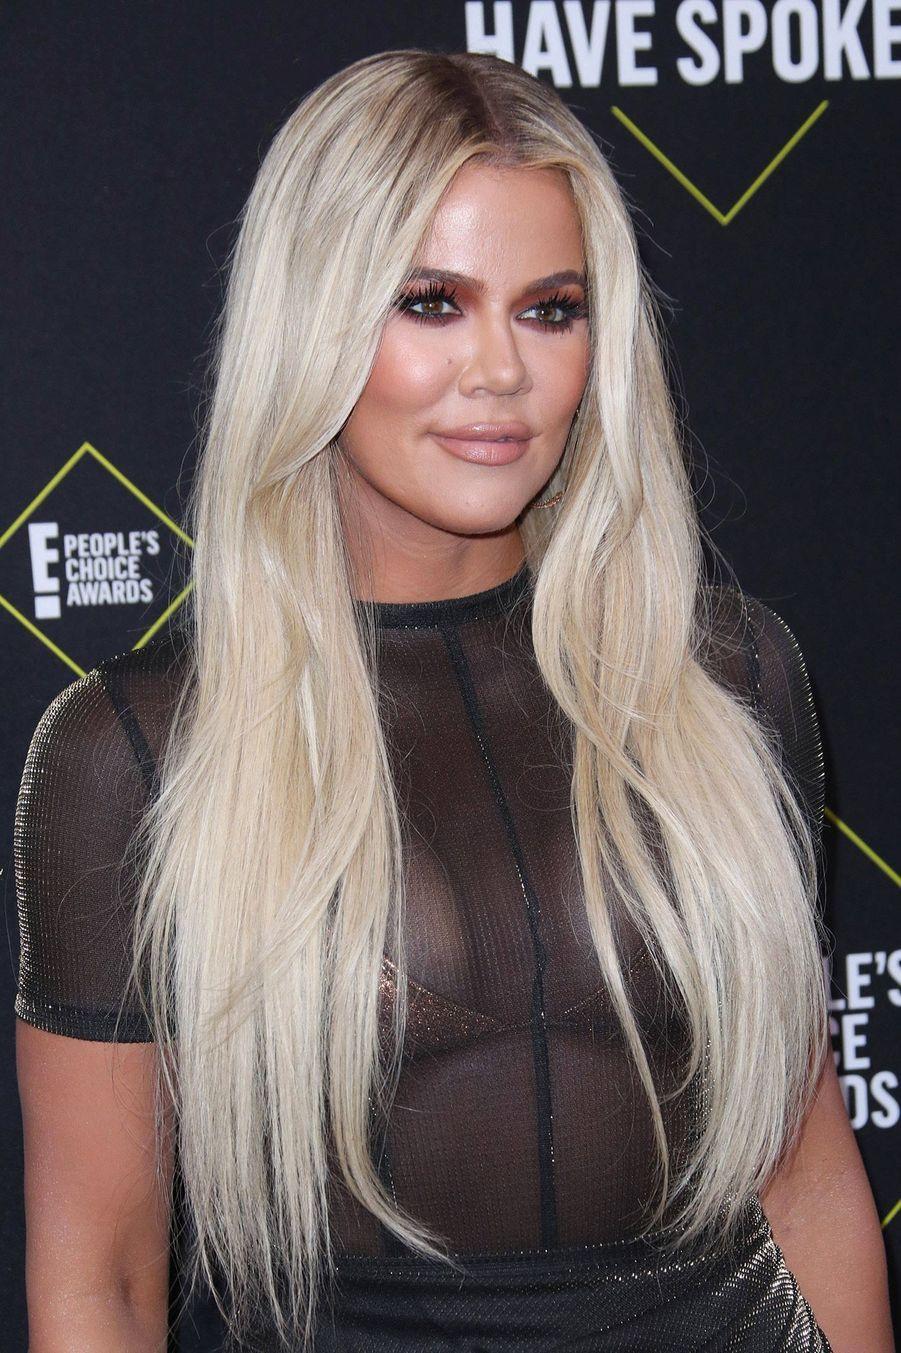 Khloe Kardashian à la 45èmecérémonie des People's Choice Awards, à Santa Monica (Californie), le 10 novembre 2019.